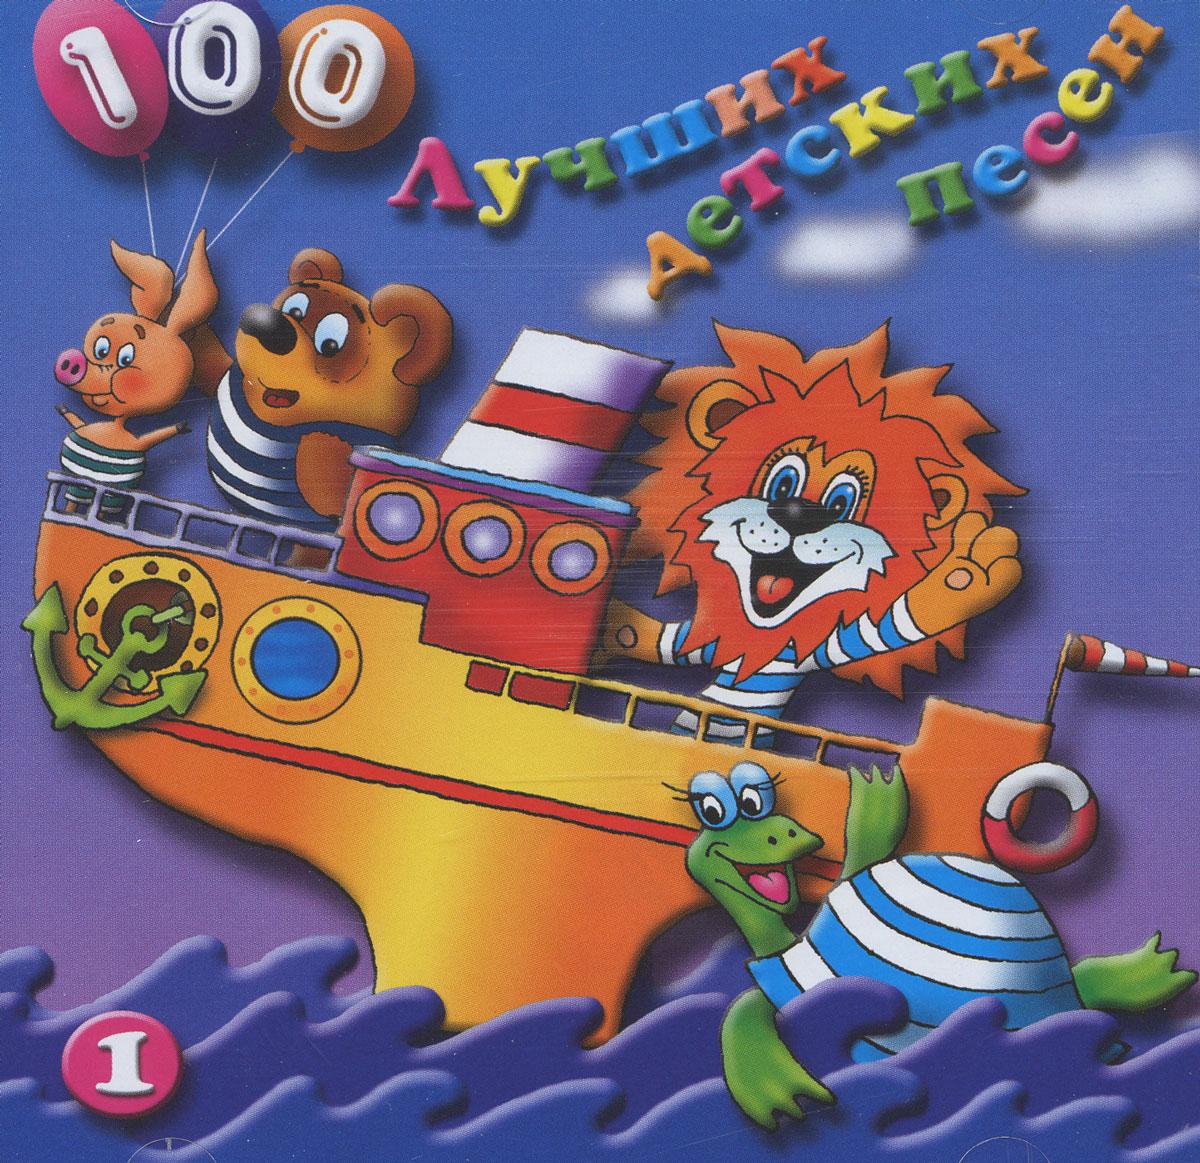 100 лучших детских песен. Выпуск 1. Диск 1